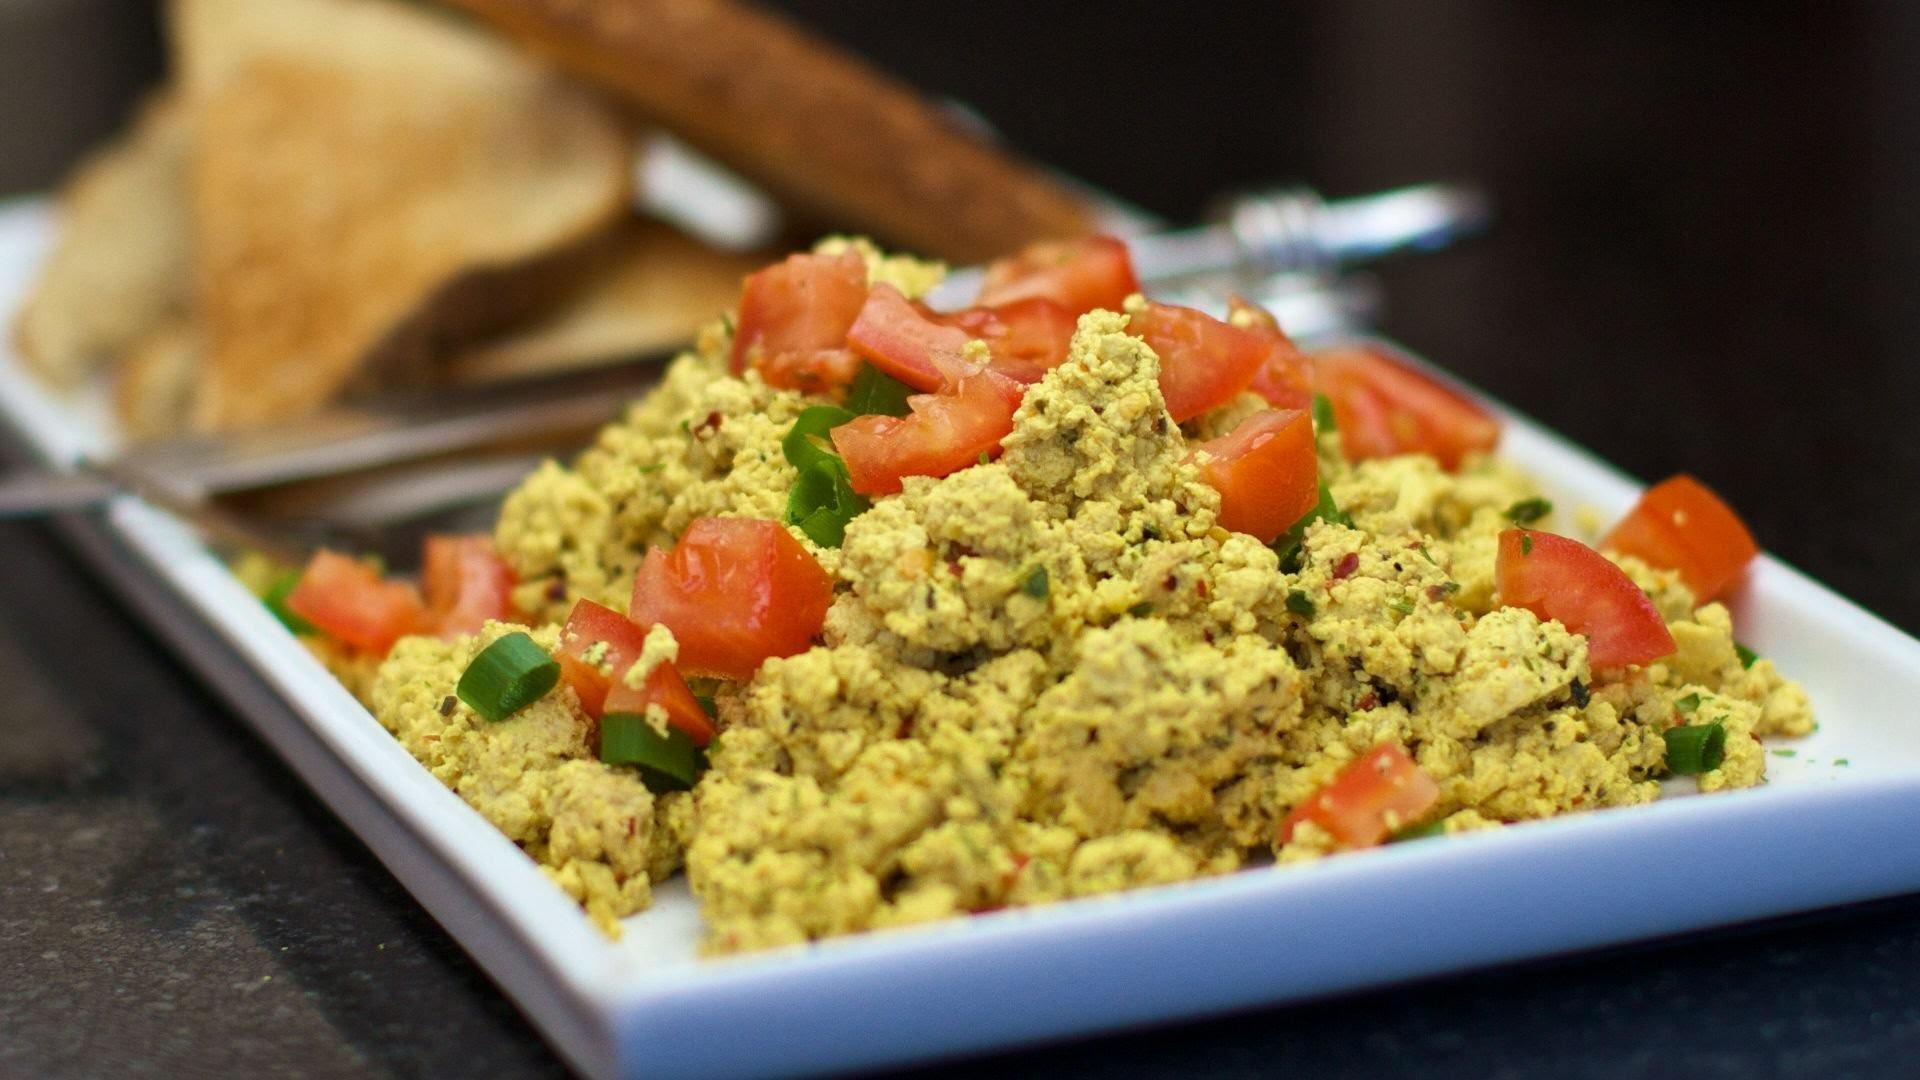 How to make Tofu Scramble - EASY Vegan breakfast scrambled eggs!